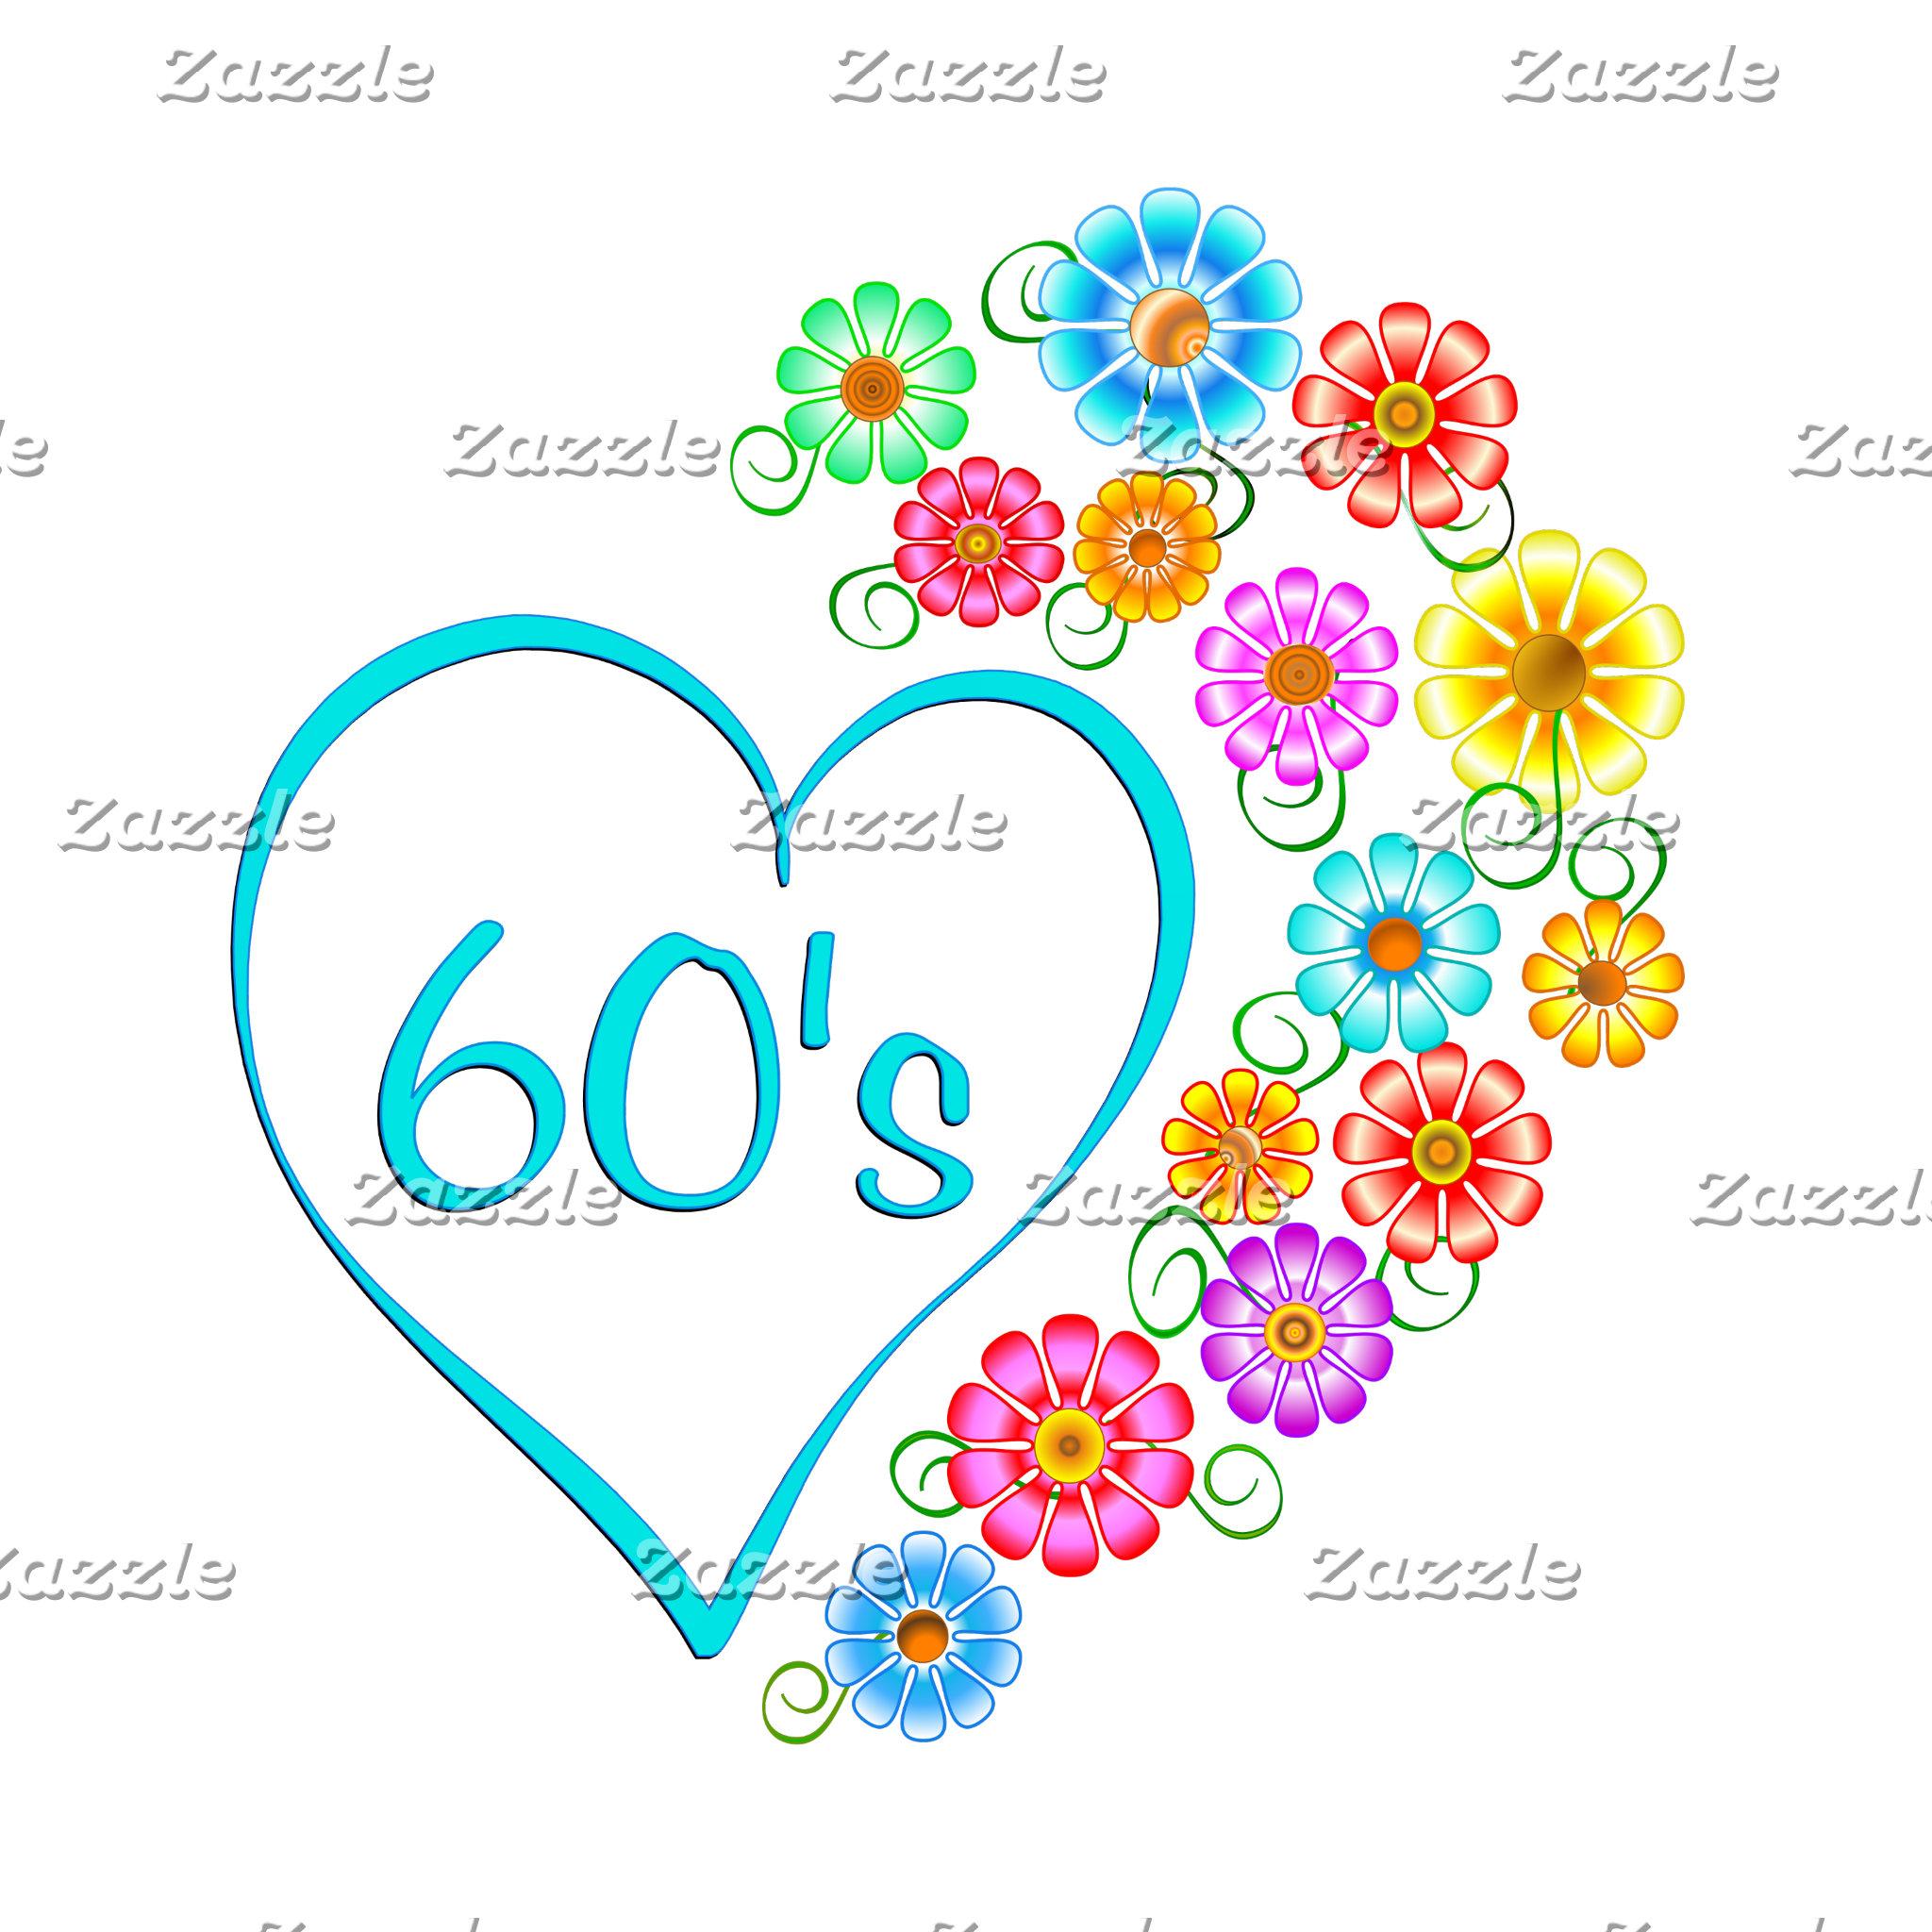 60s Heart Flowers